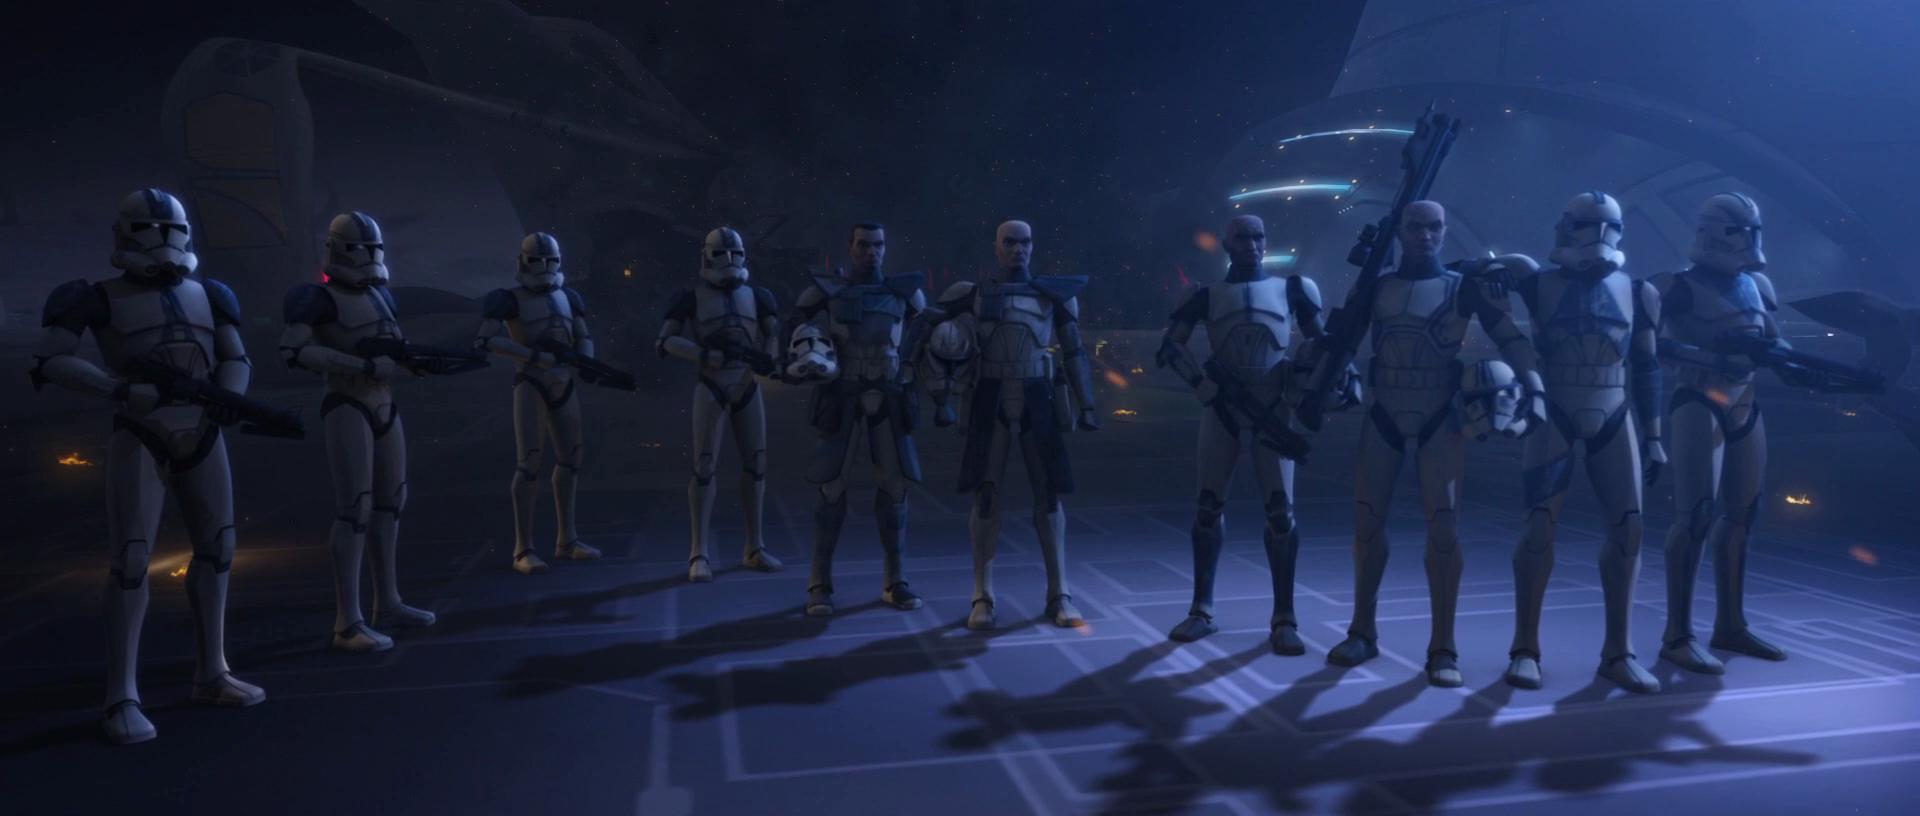 star wars clone wallpaper 501st   Google Search clones Star 1920x816